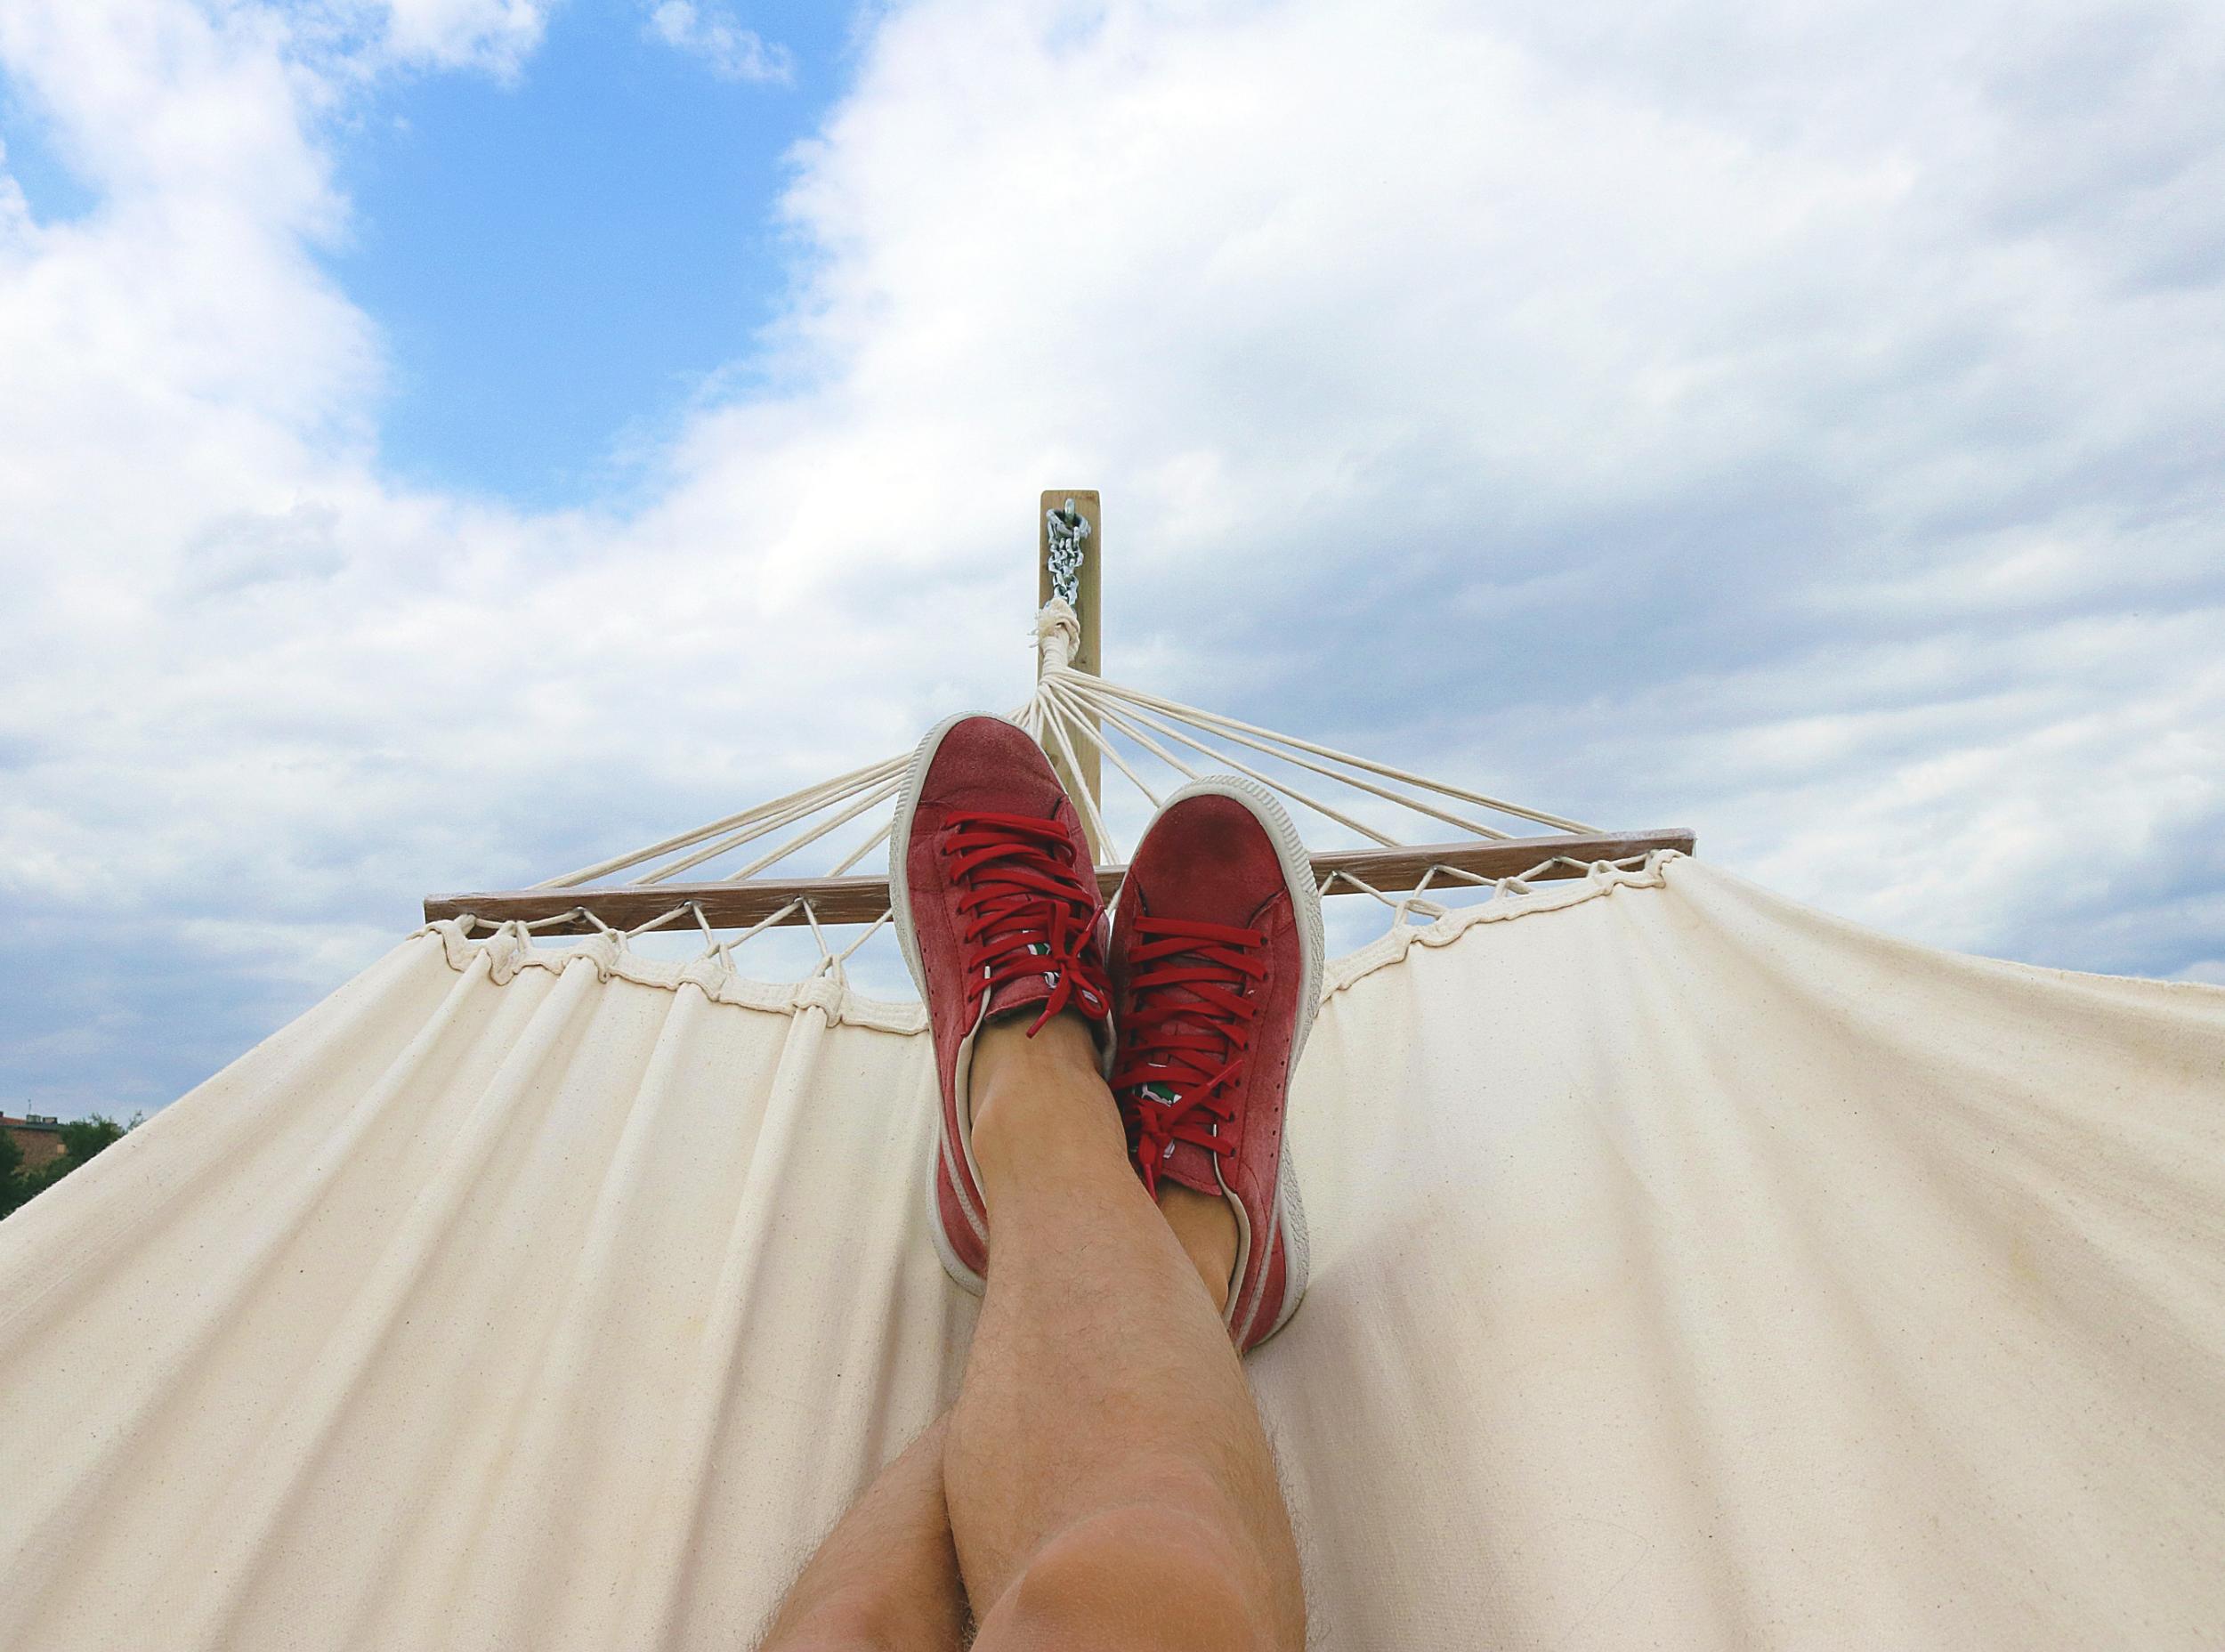 Die besten Brückentage 2019 zur Urlaubsplanung